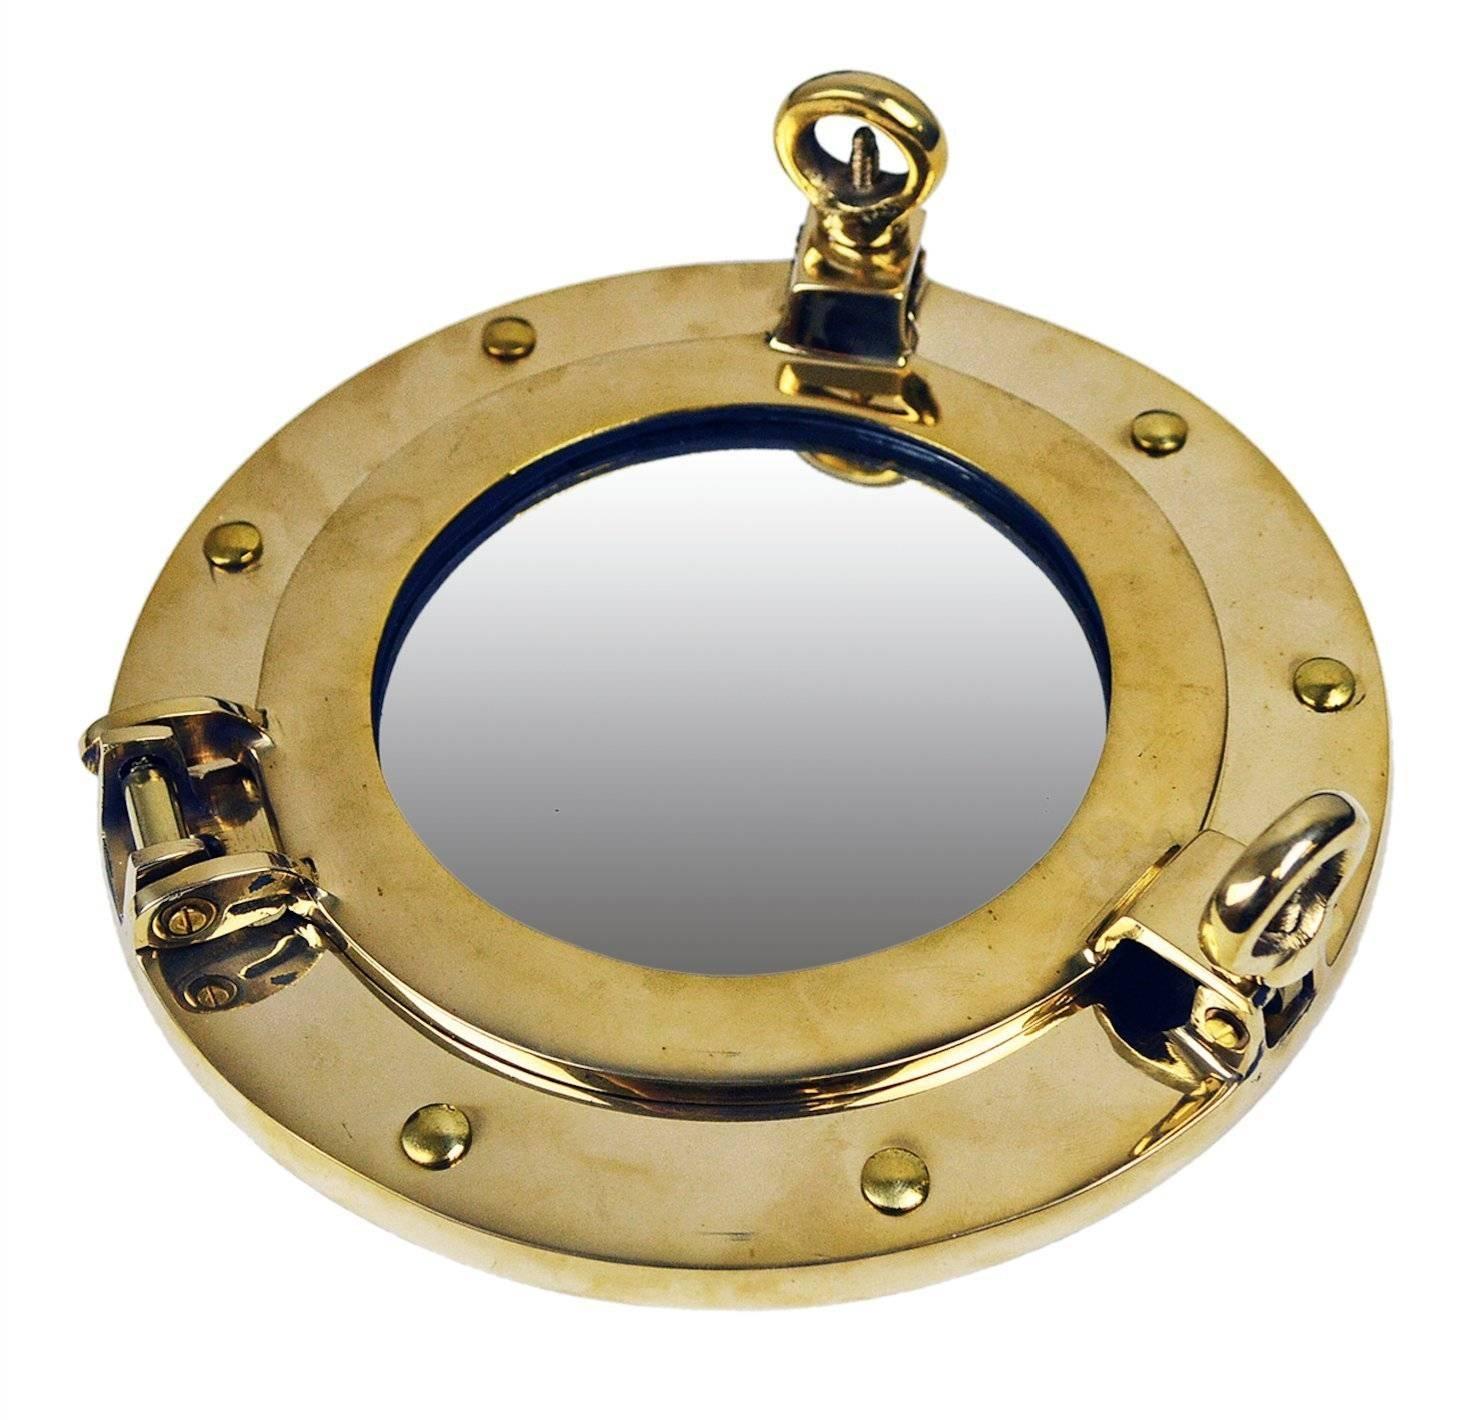 Porthole Windows Porthole Mirrors Largest Selection Ships Port Holes throughout Porthole Wall Mirrors (Image 19 of 25)